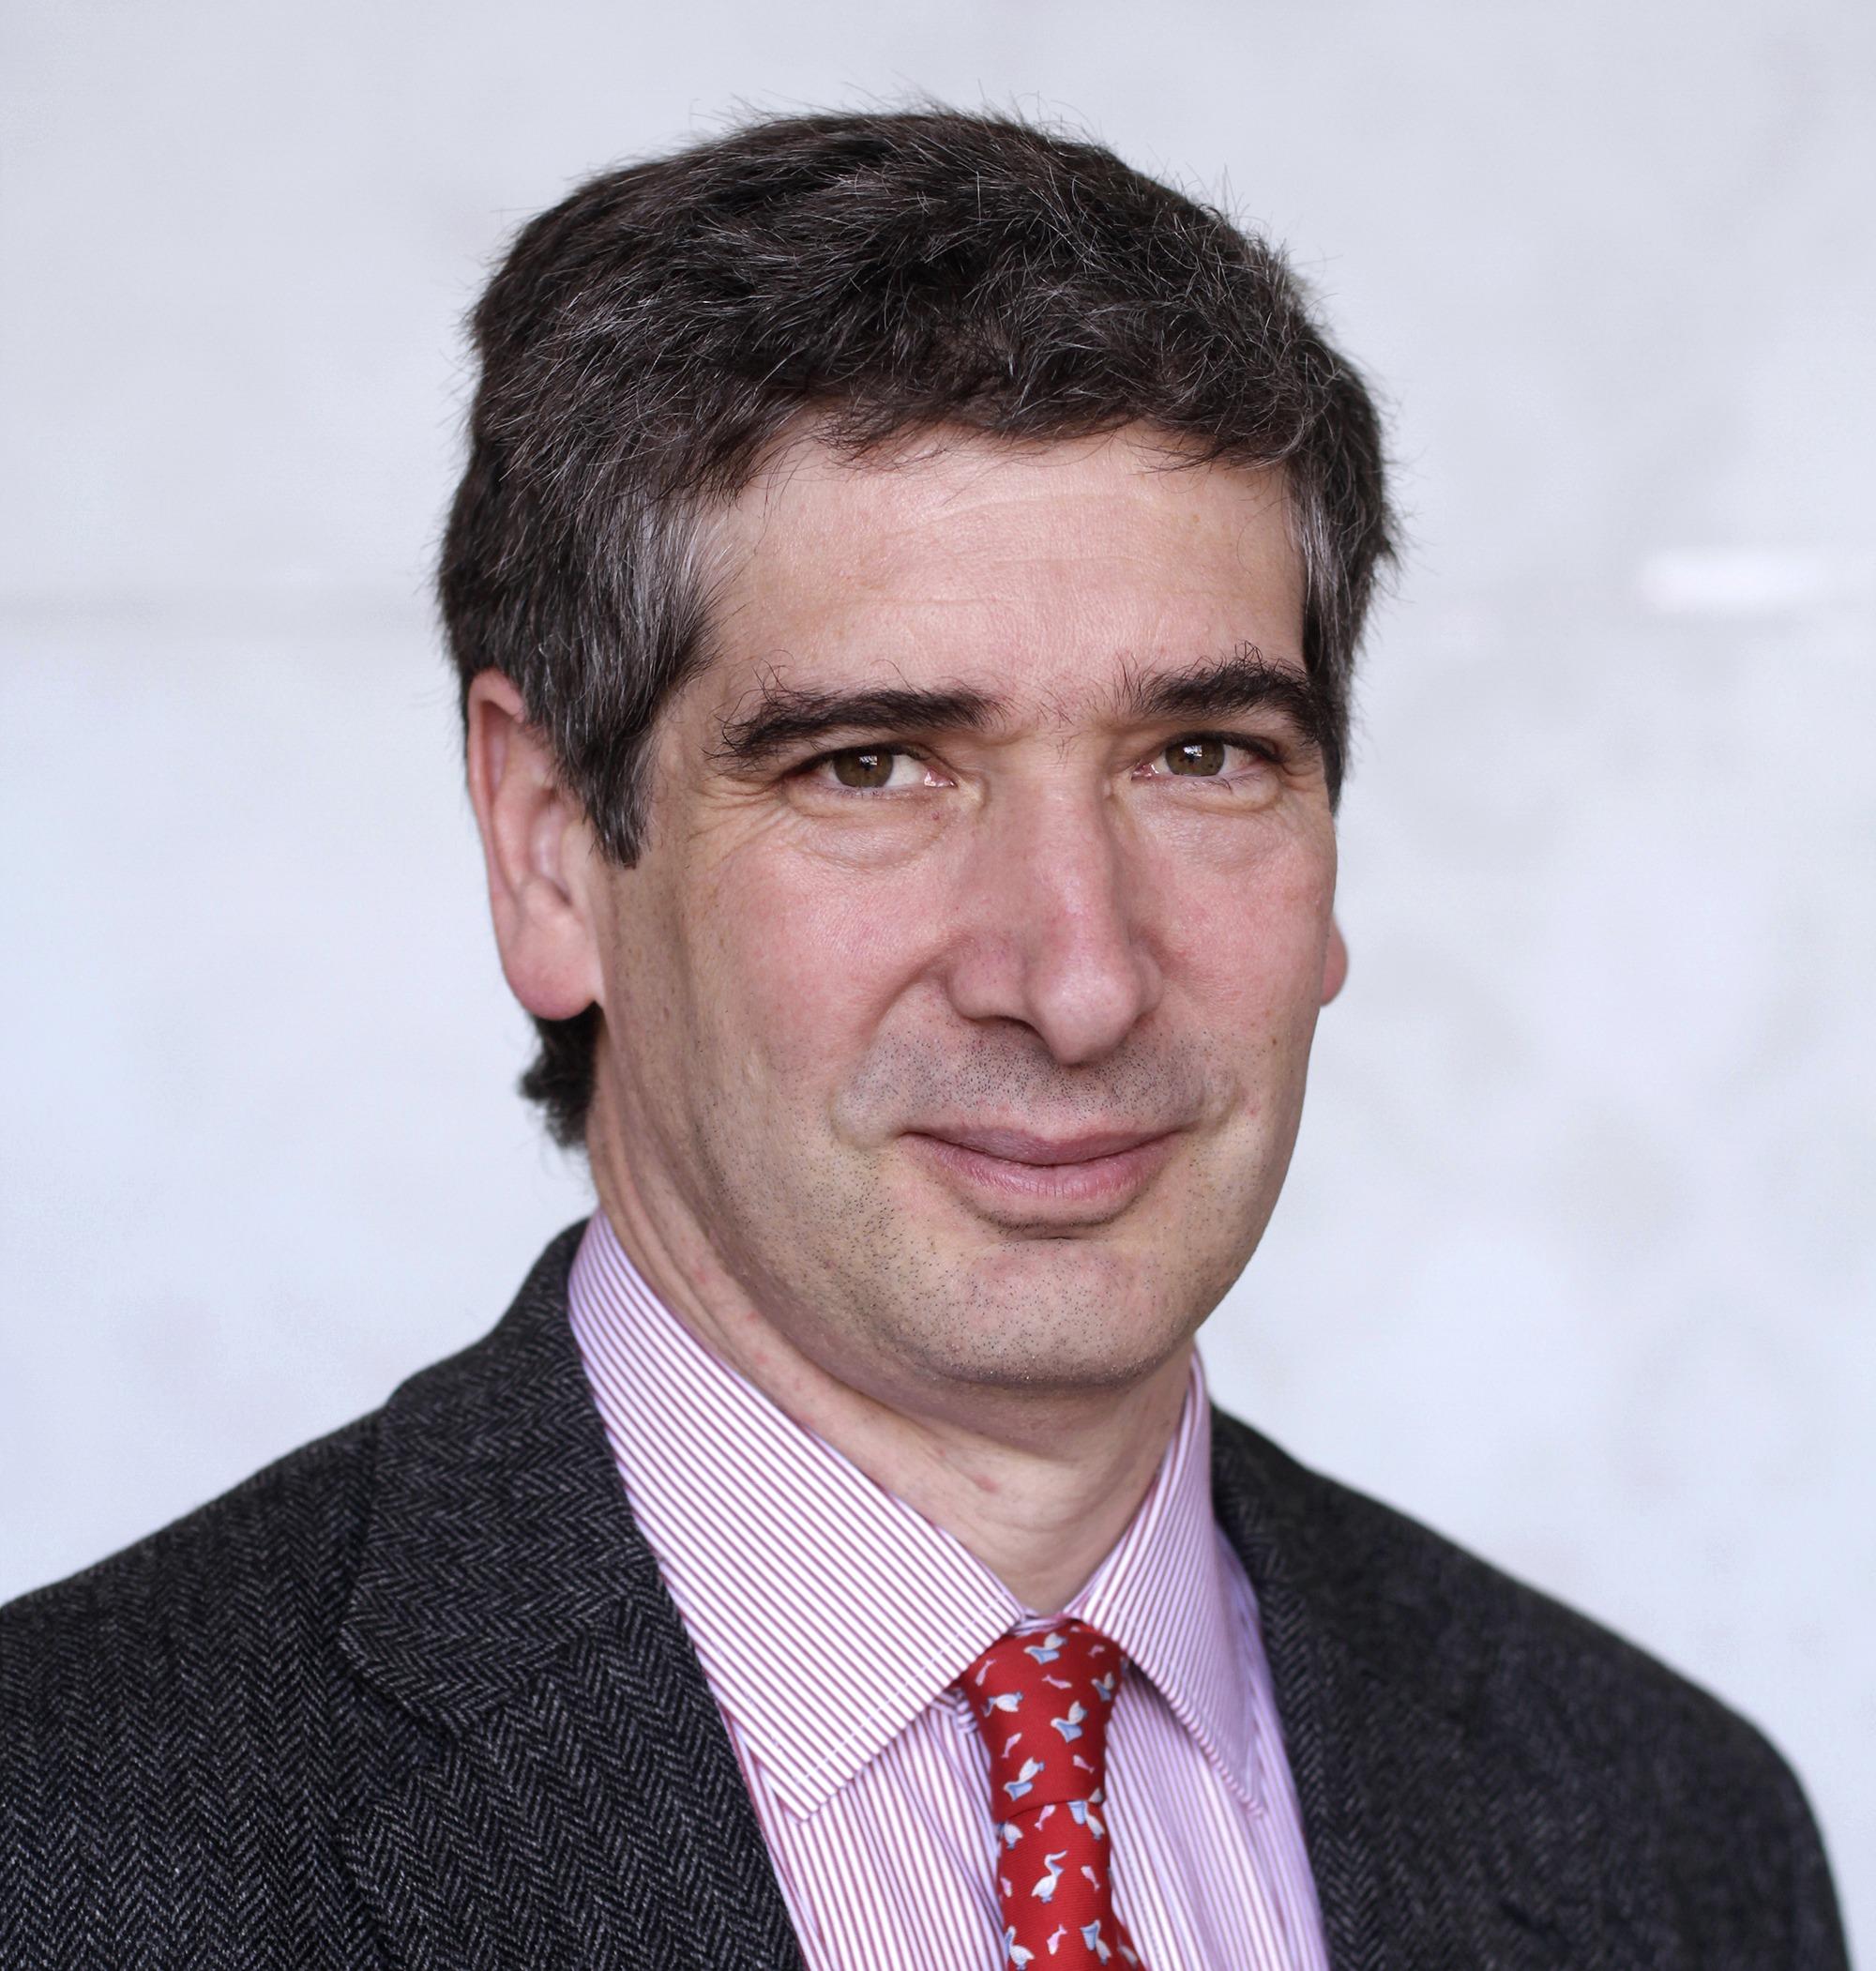 José Antonio Guzmán Cruzat